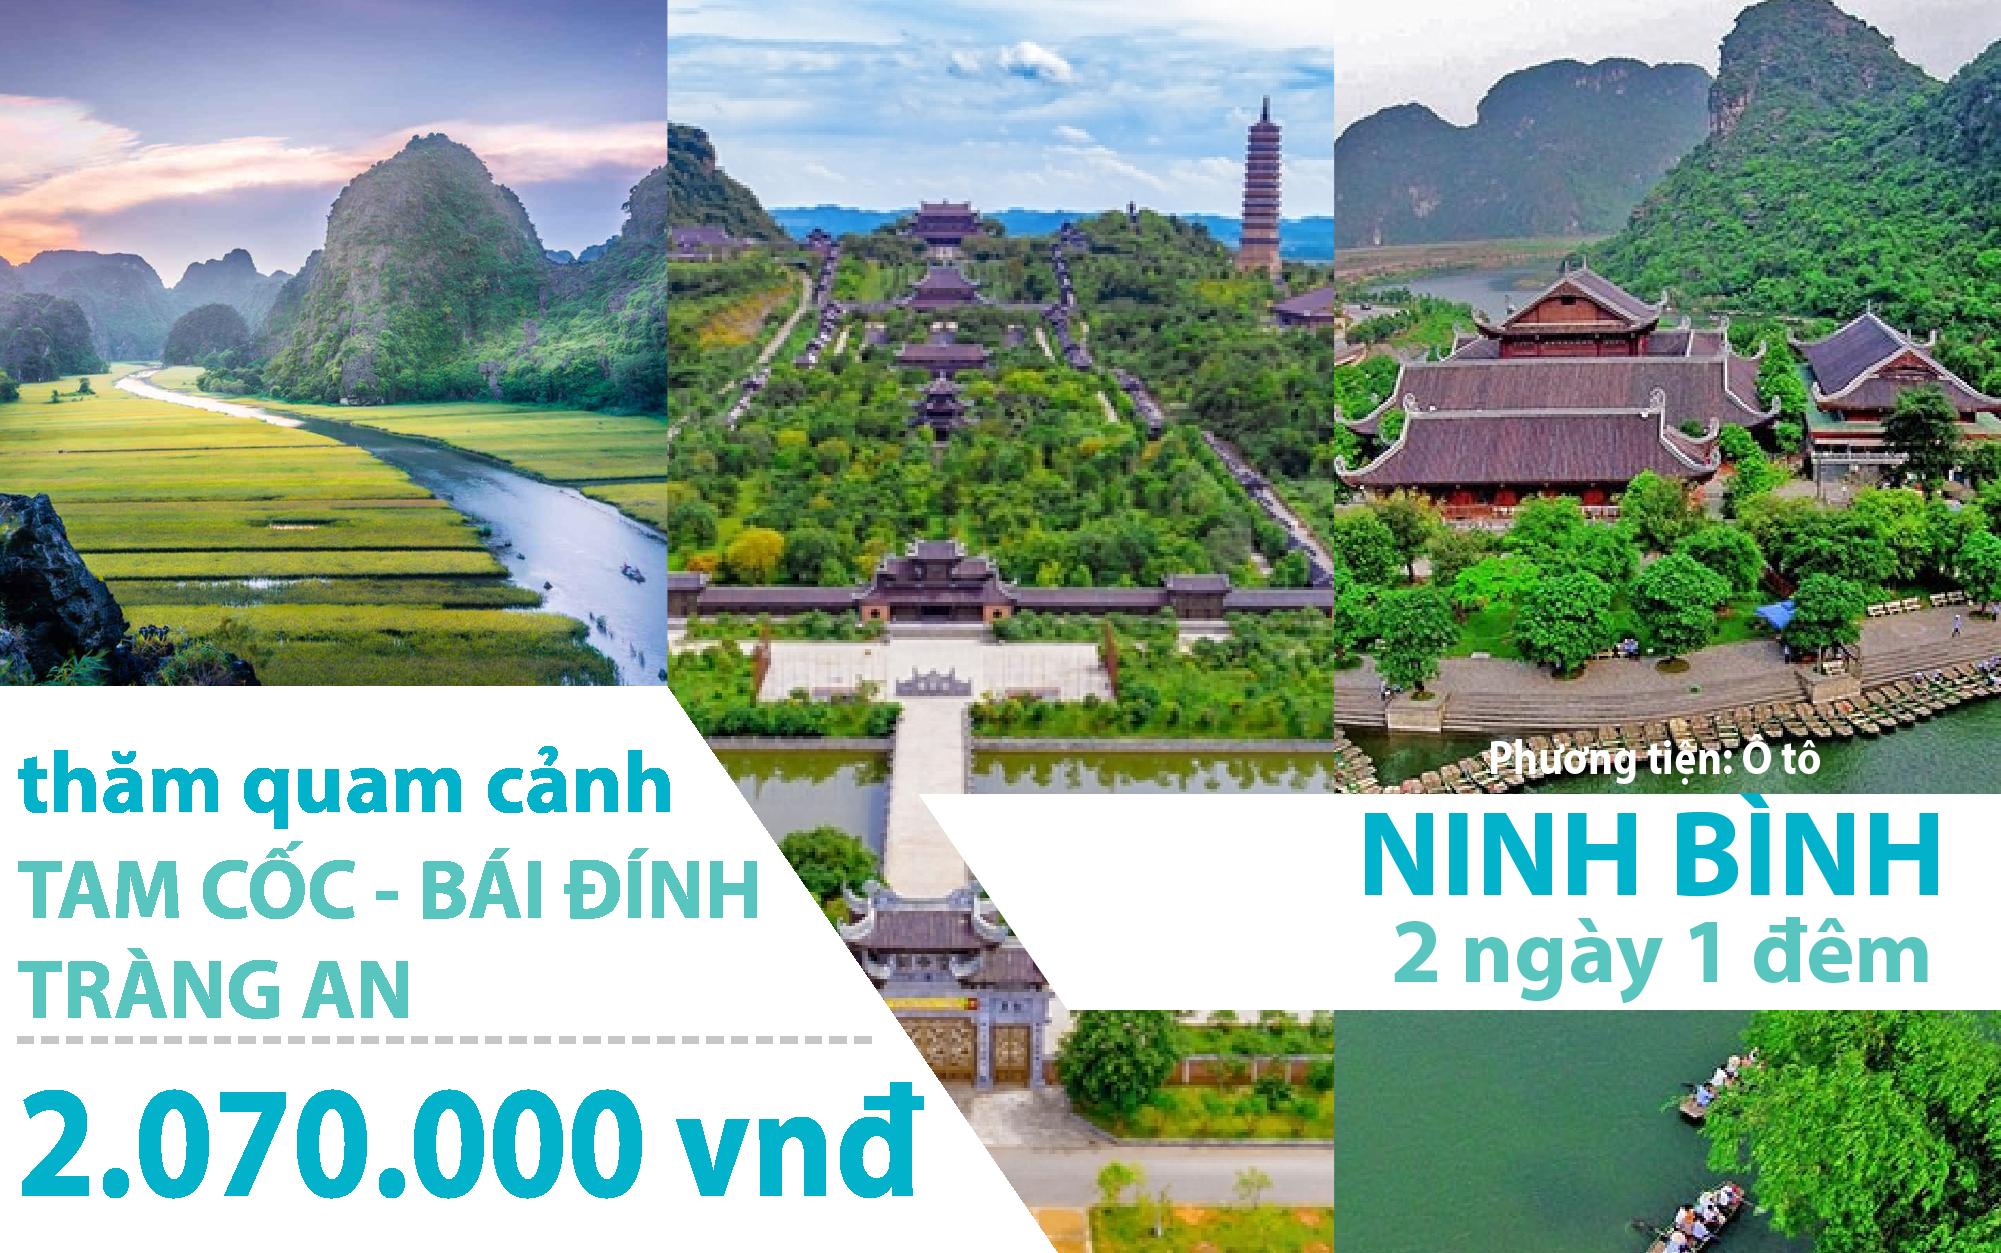 ninhbinh